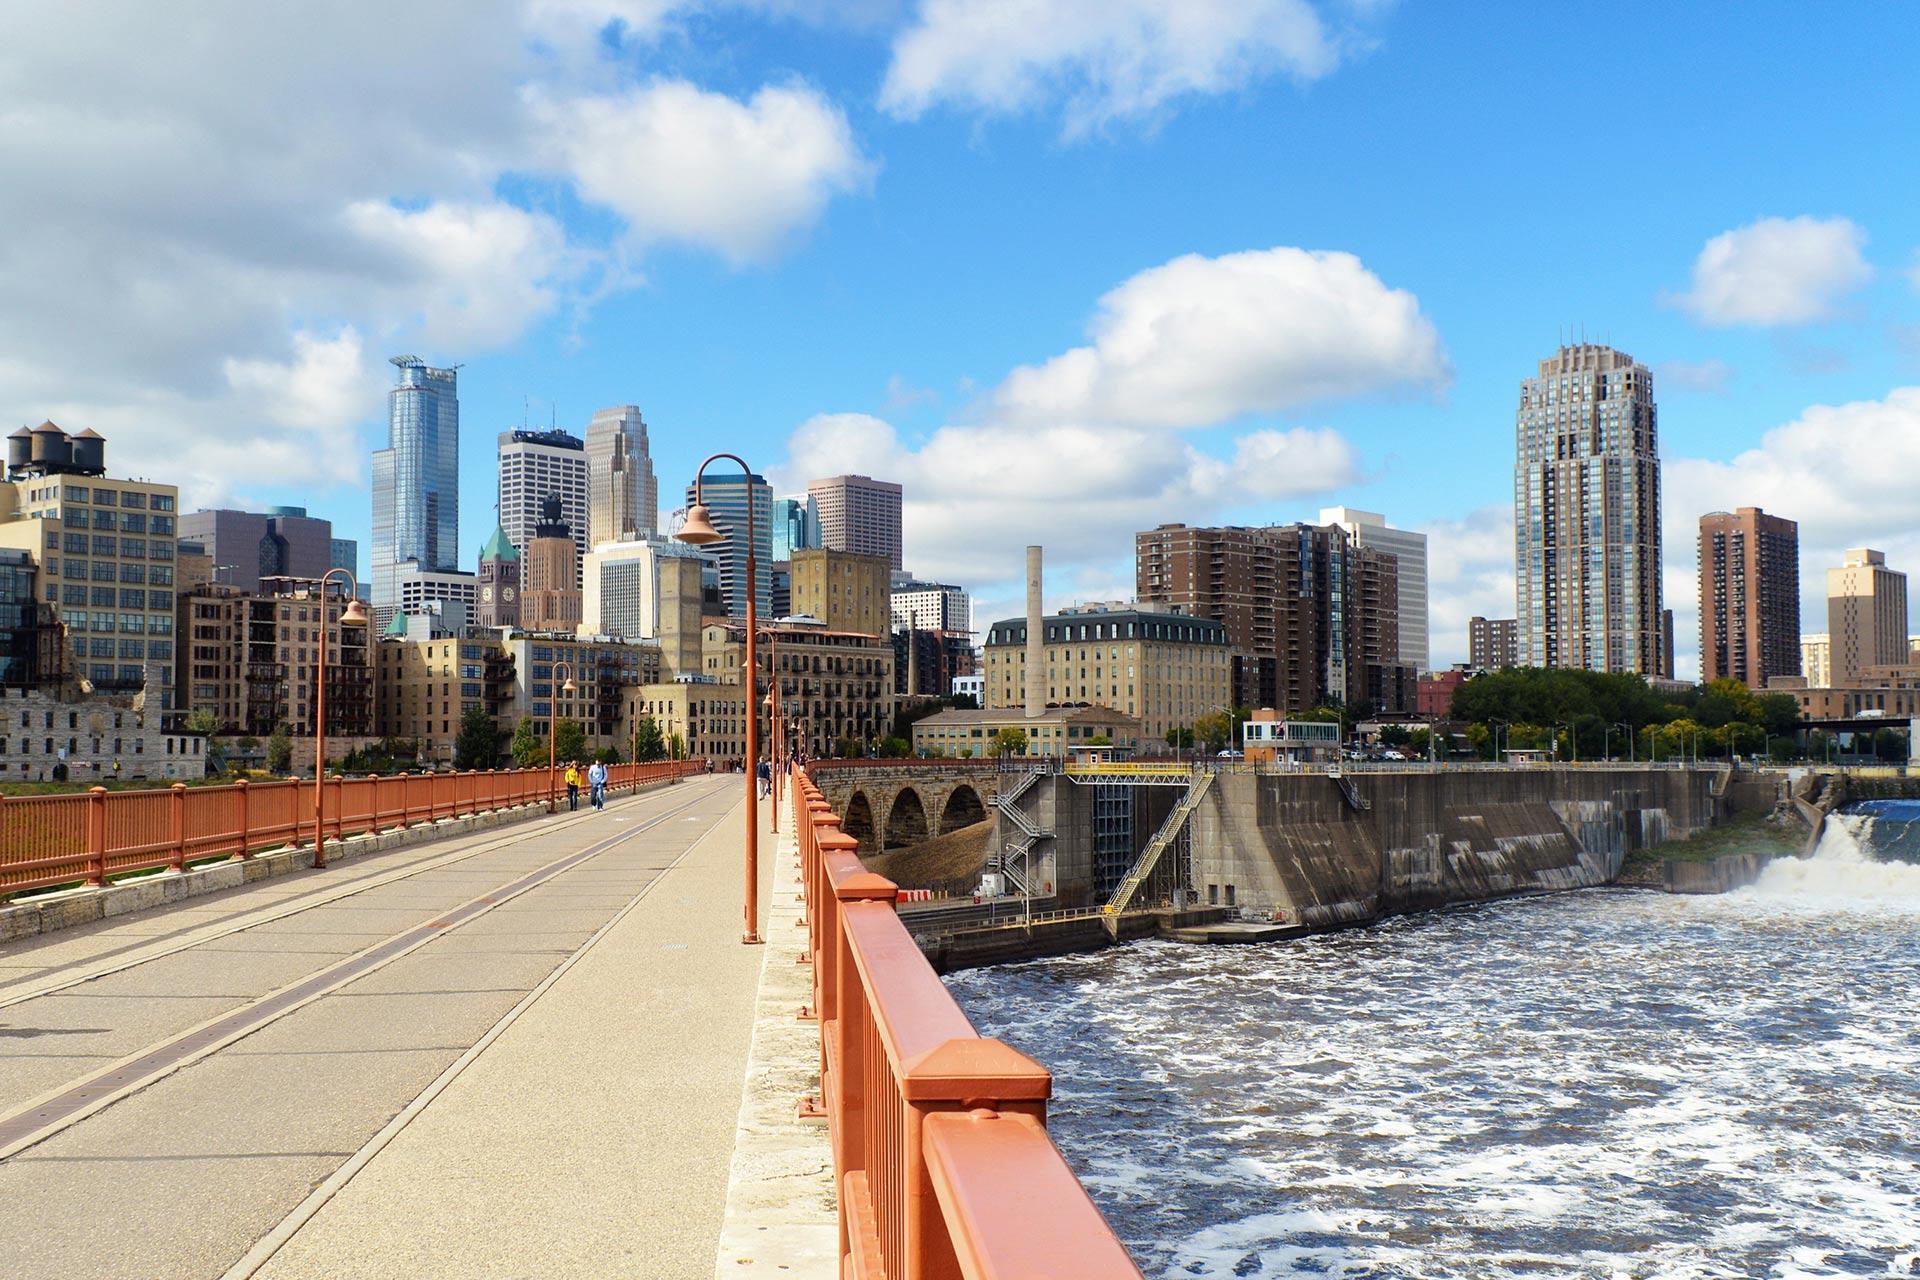 Downtown Minneapolis, Minnesota.